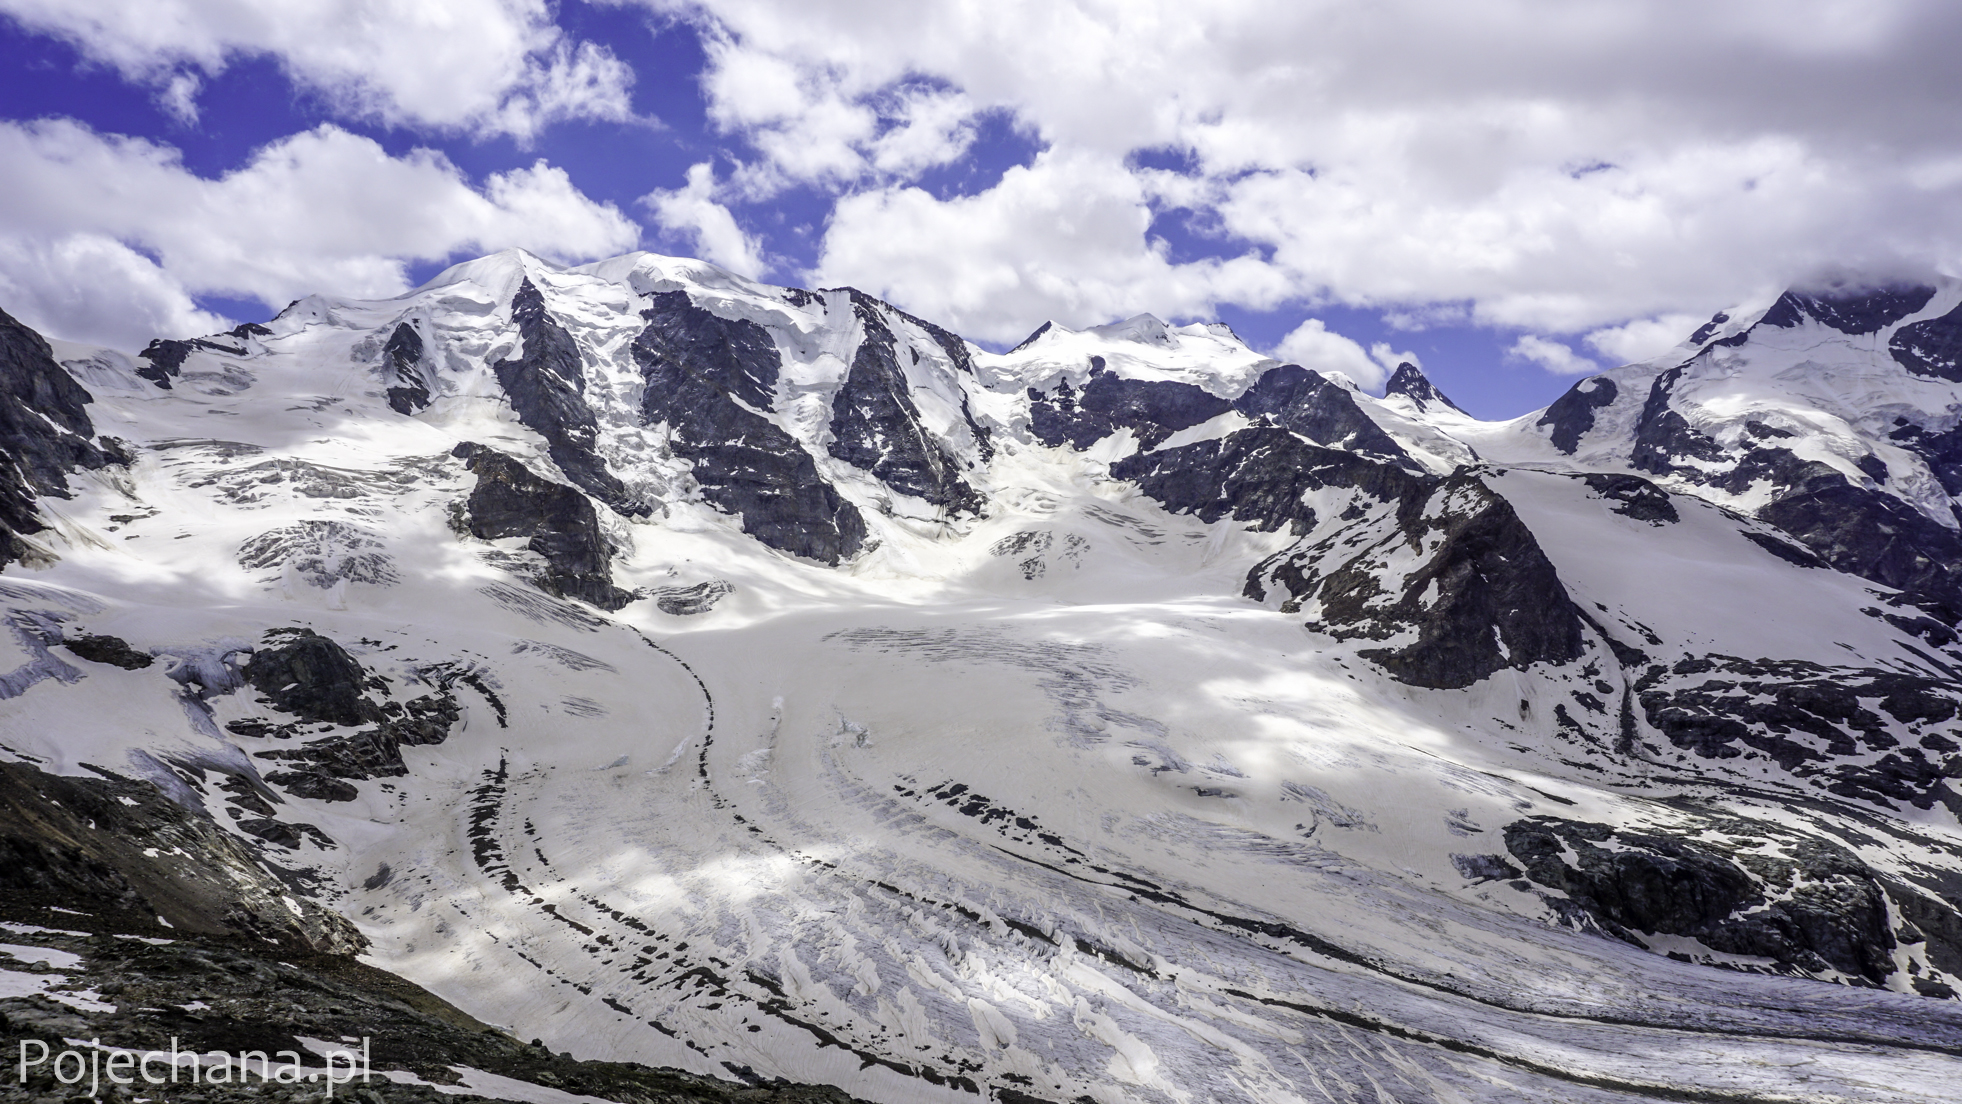 widok na ośnieżone alpejskie szczyty